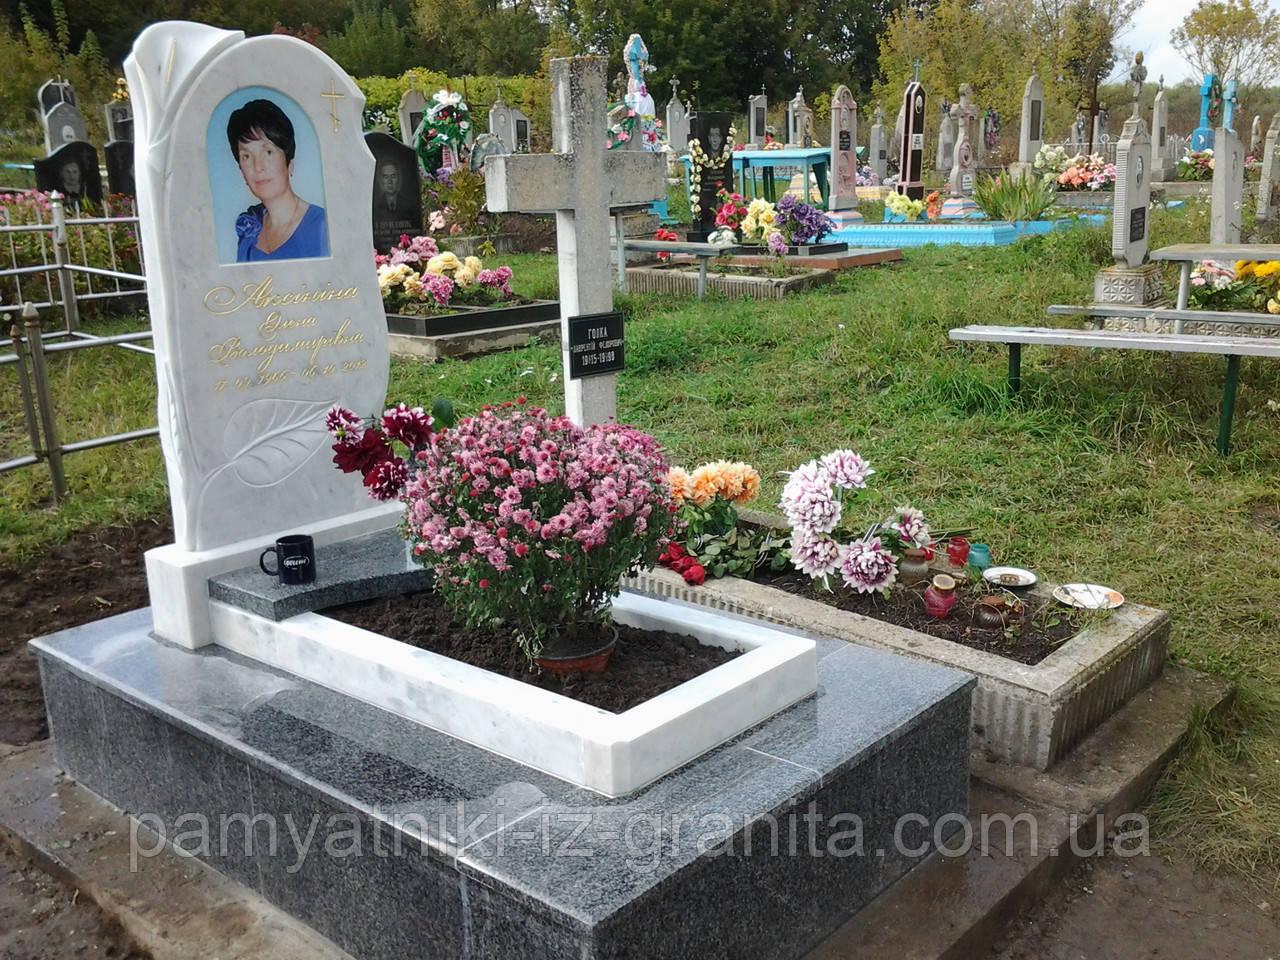 Пам'ятник у вигляді квітки № 12